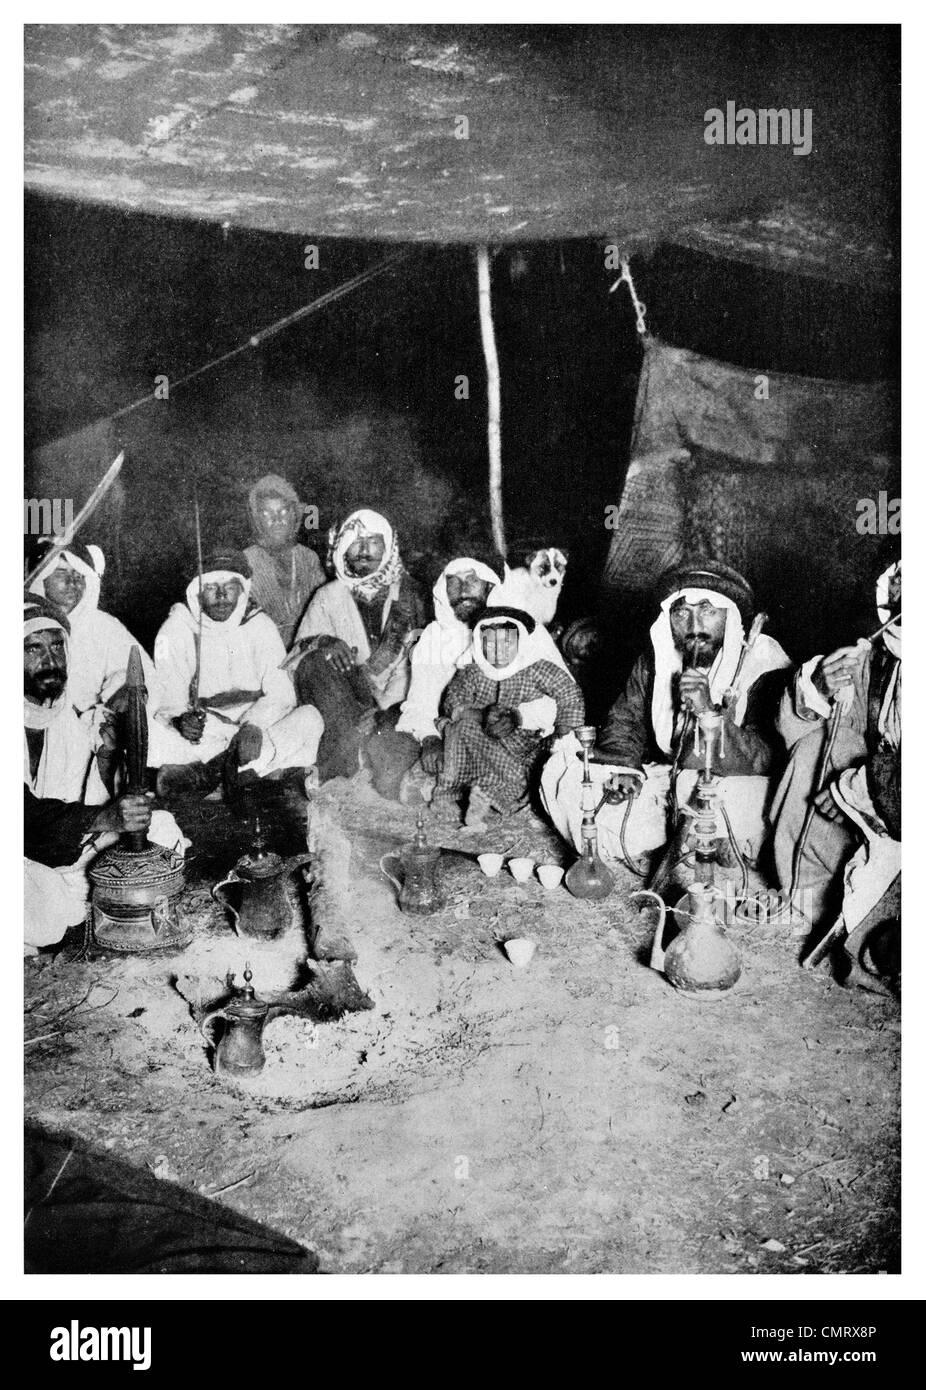 1919 Arab camp at Mount Sinai - Stock Image